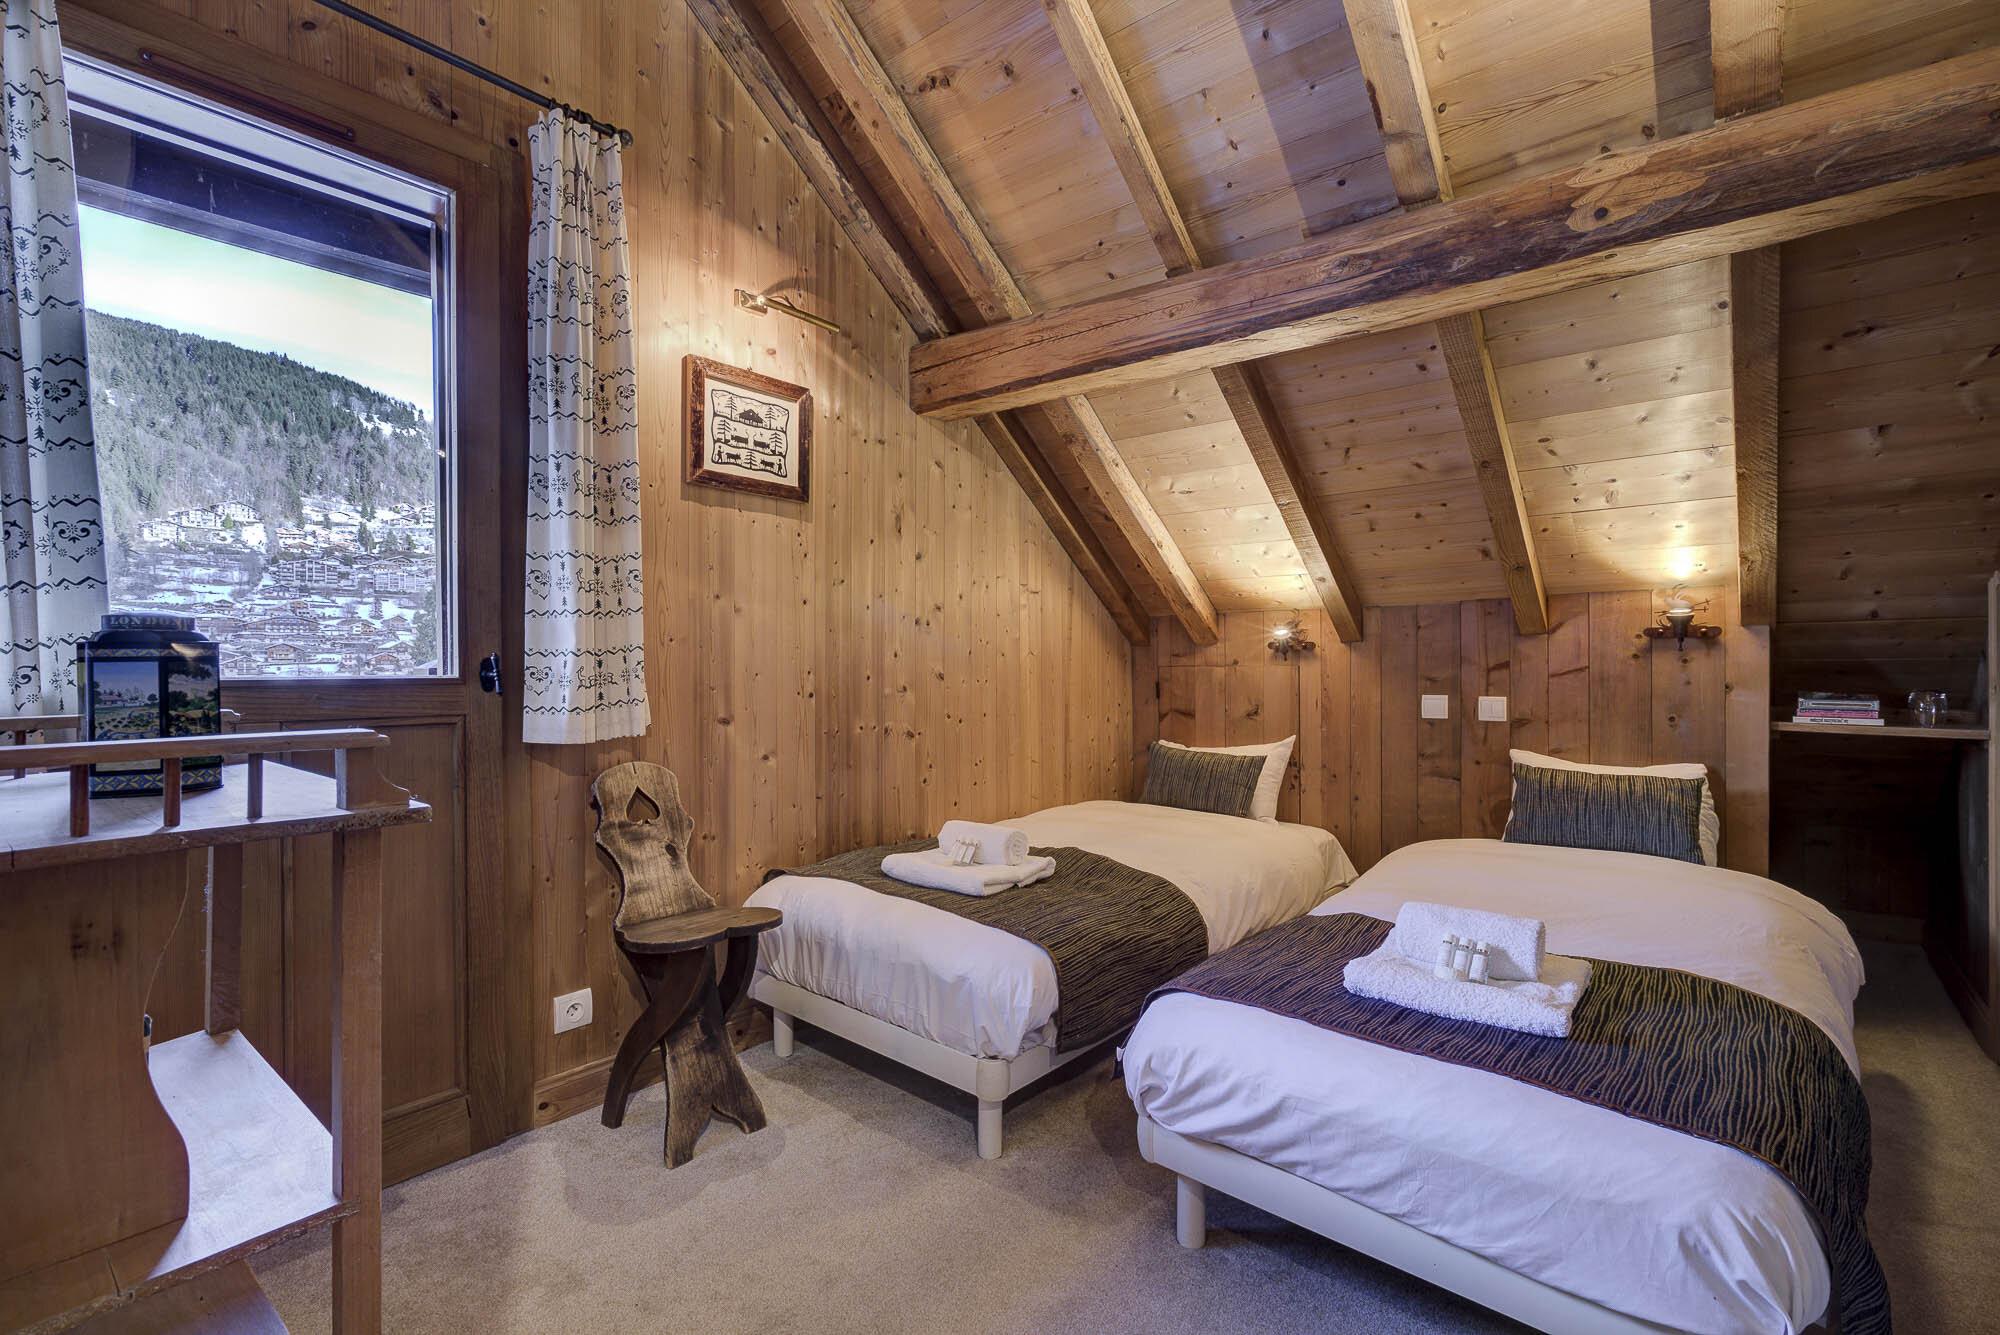 tg-ski-chalet-du-bois-morzine-010.jpg